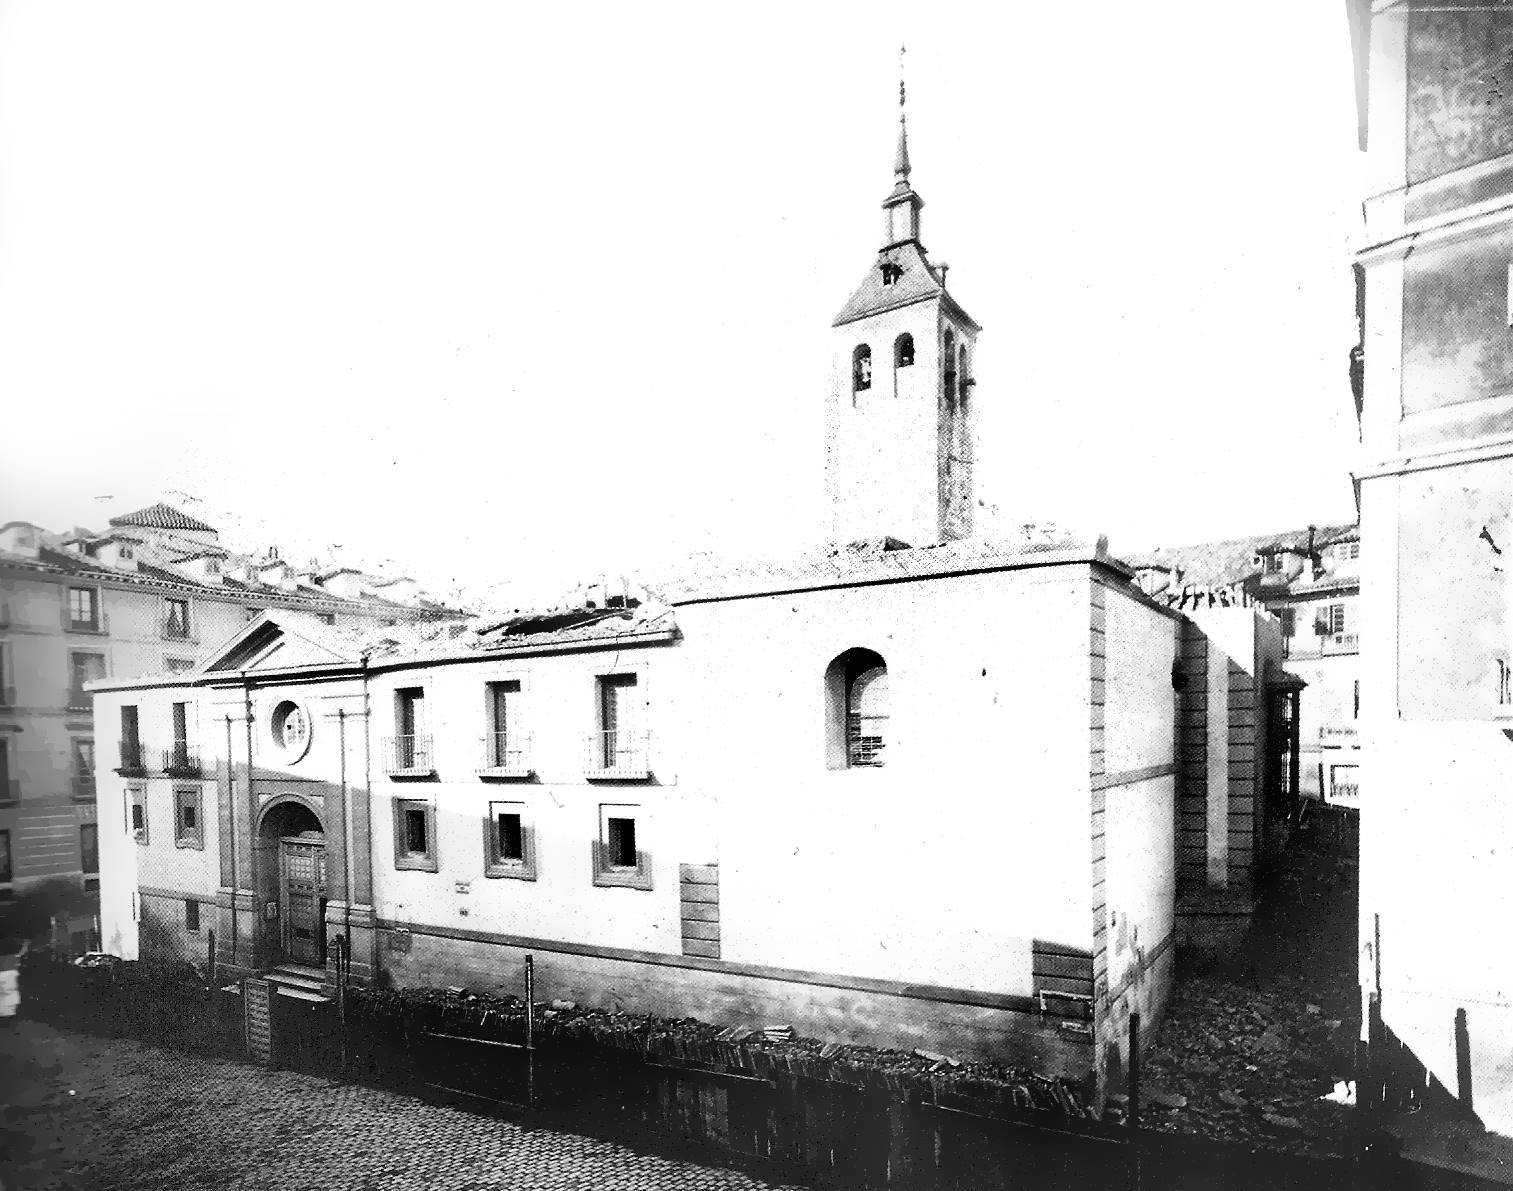 Iglesia De Santa María De La Almudena Wikipedia La Enciclopedia Libre